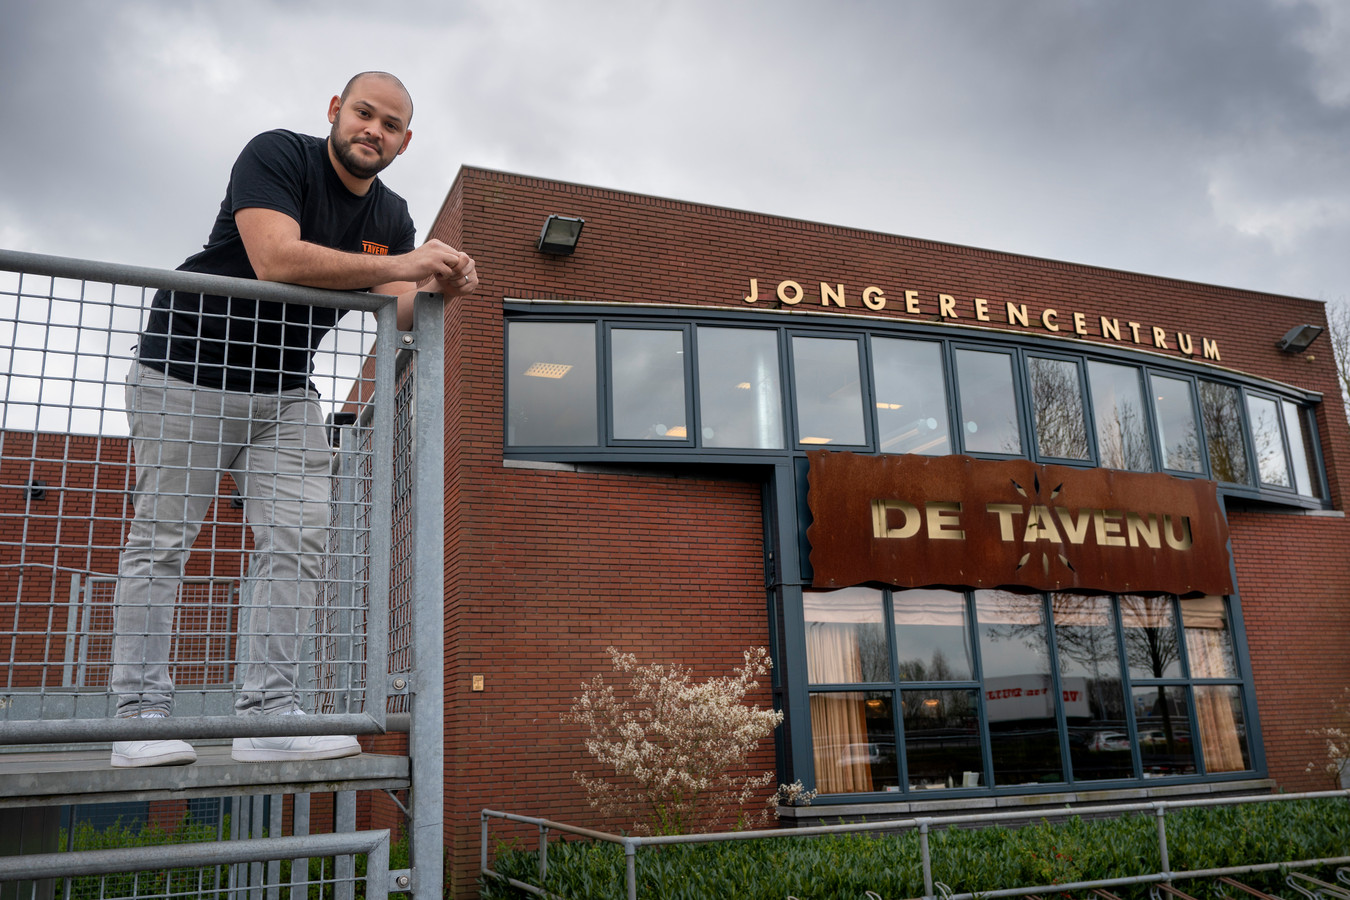 Jongerencentrum De Tavenu en de gemeente zijn in overleg over de toekomst van het jongerenwerk in Waalwijk.